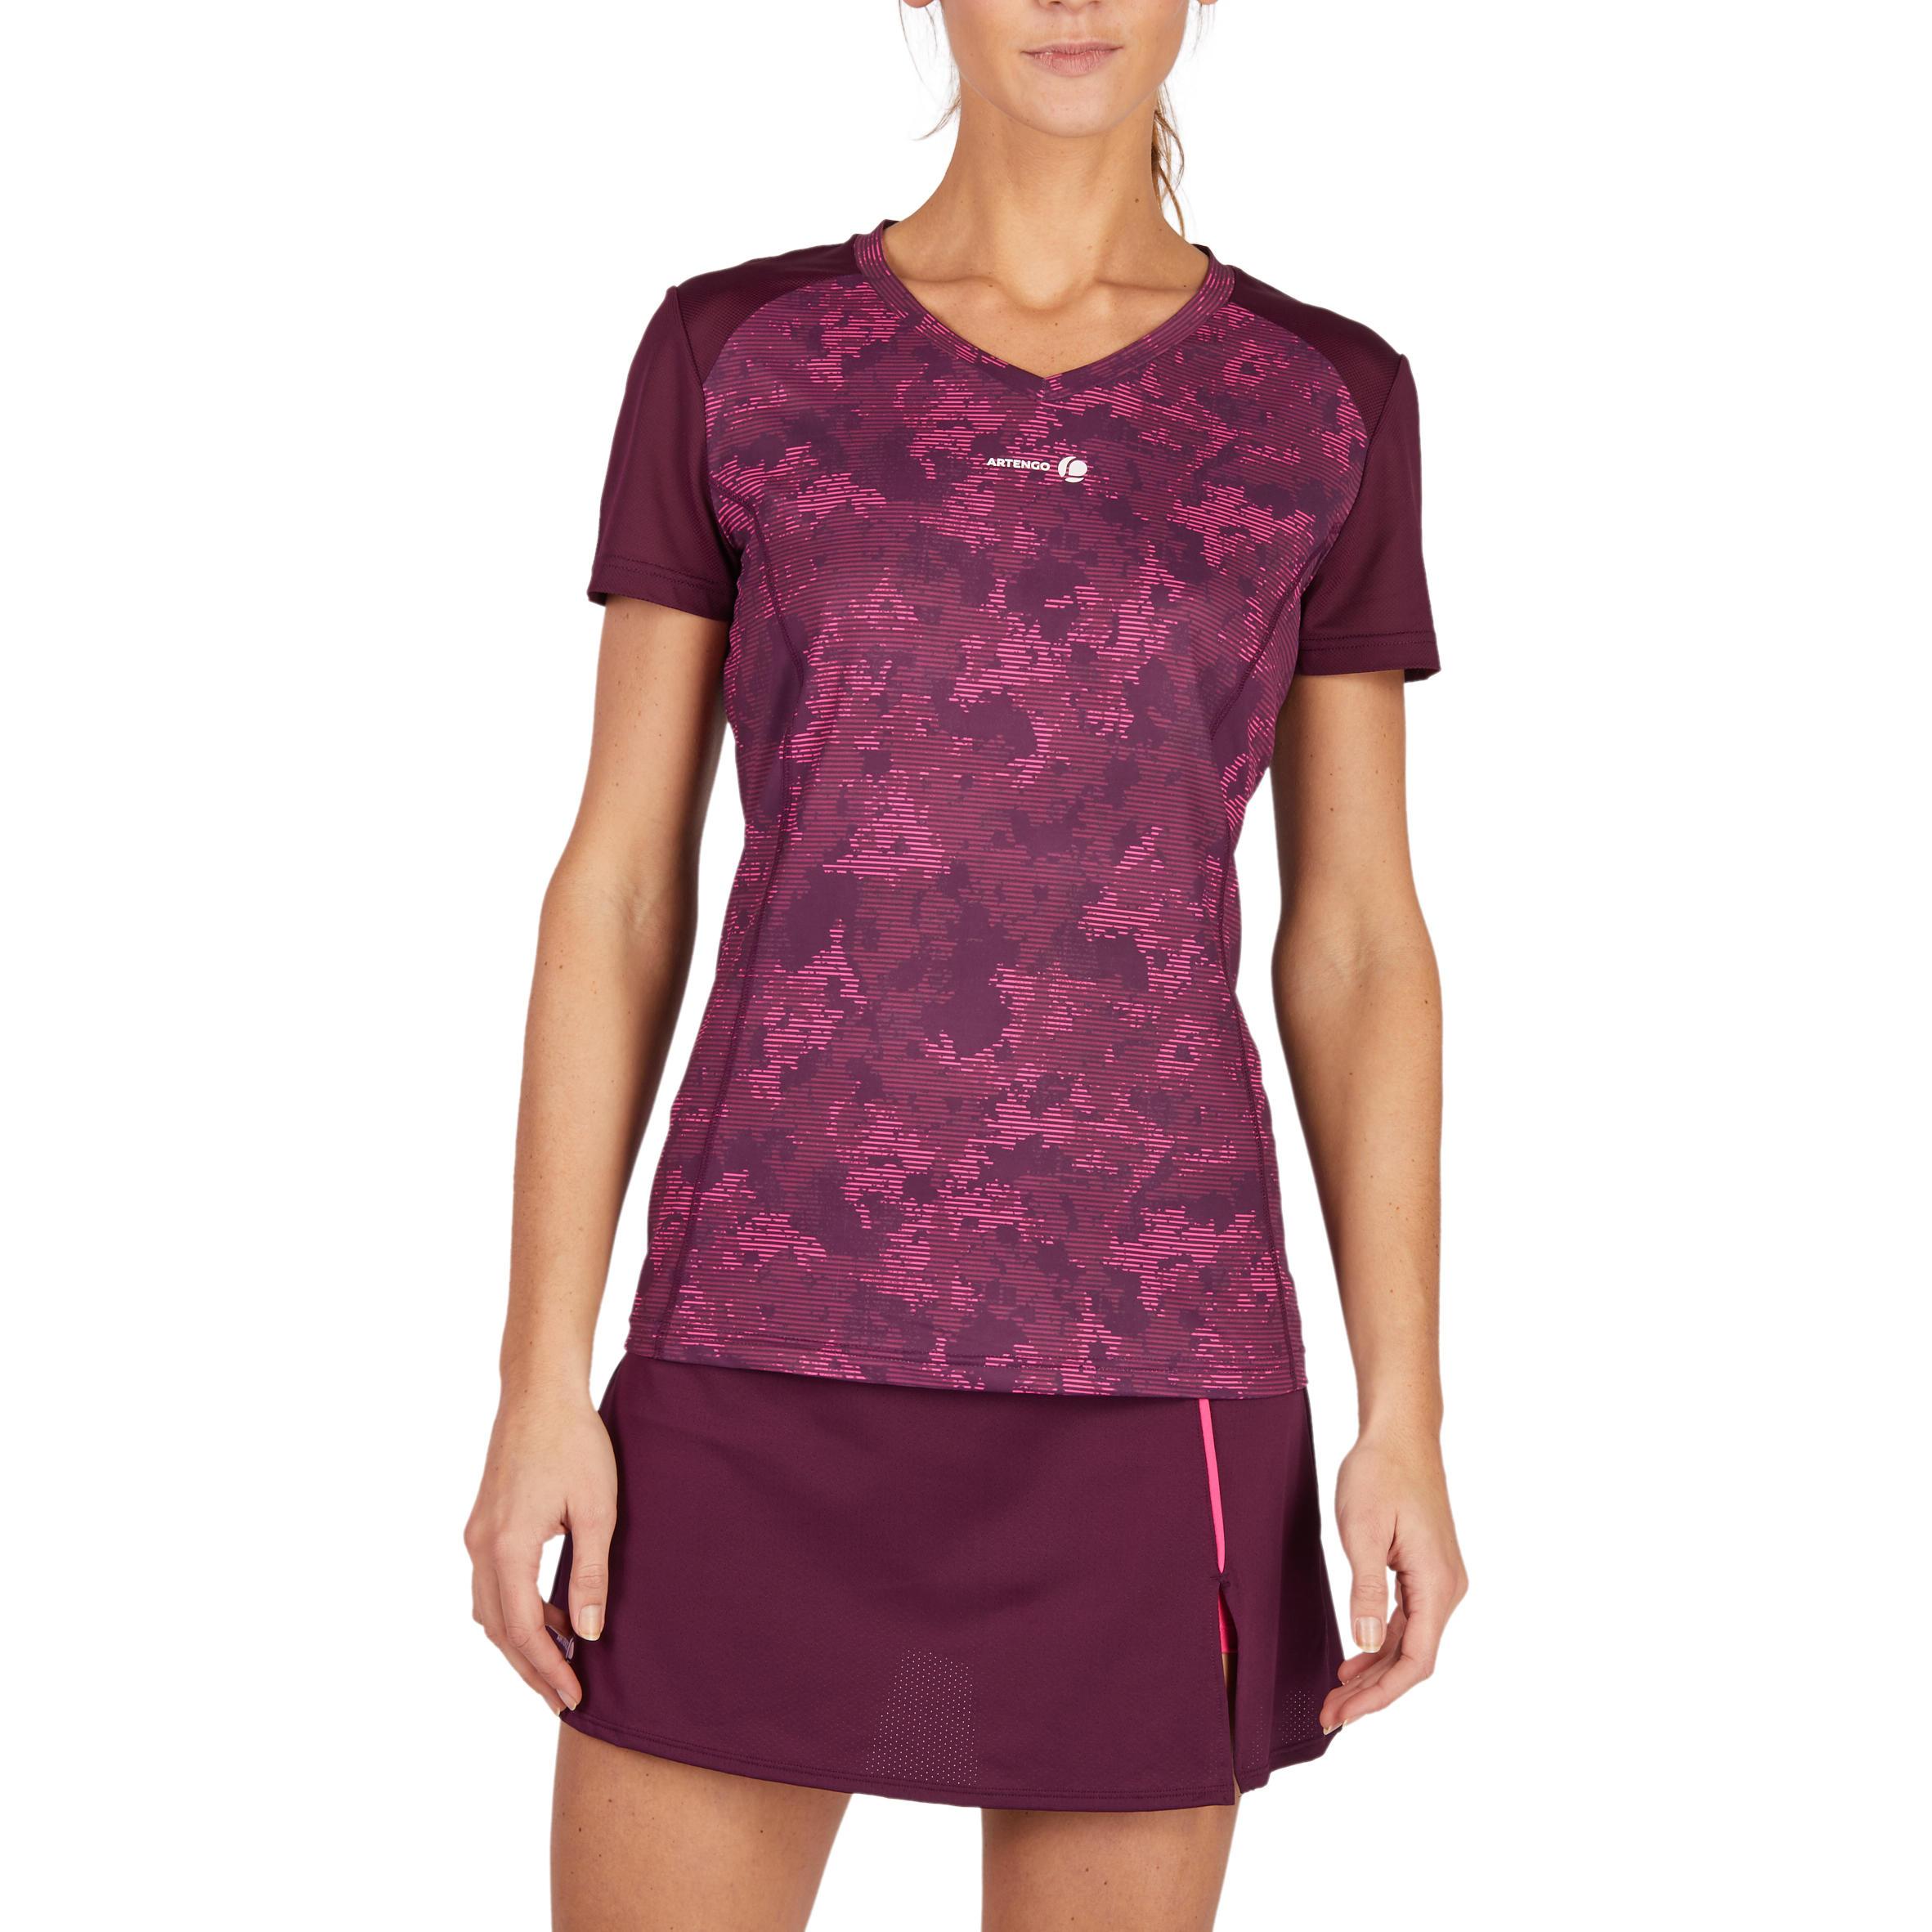 Women's Tennis T-Shirt - Soft 500 Burgundy